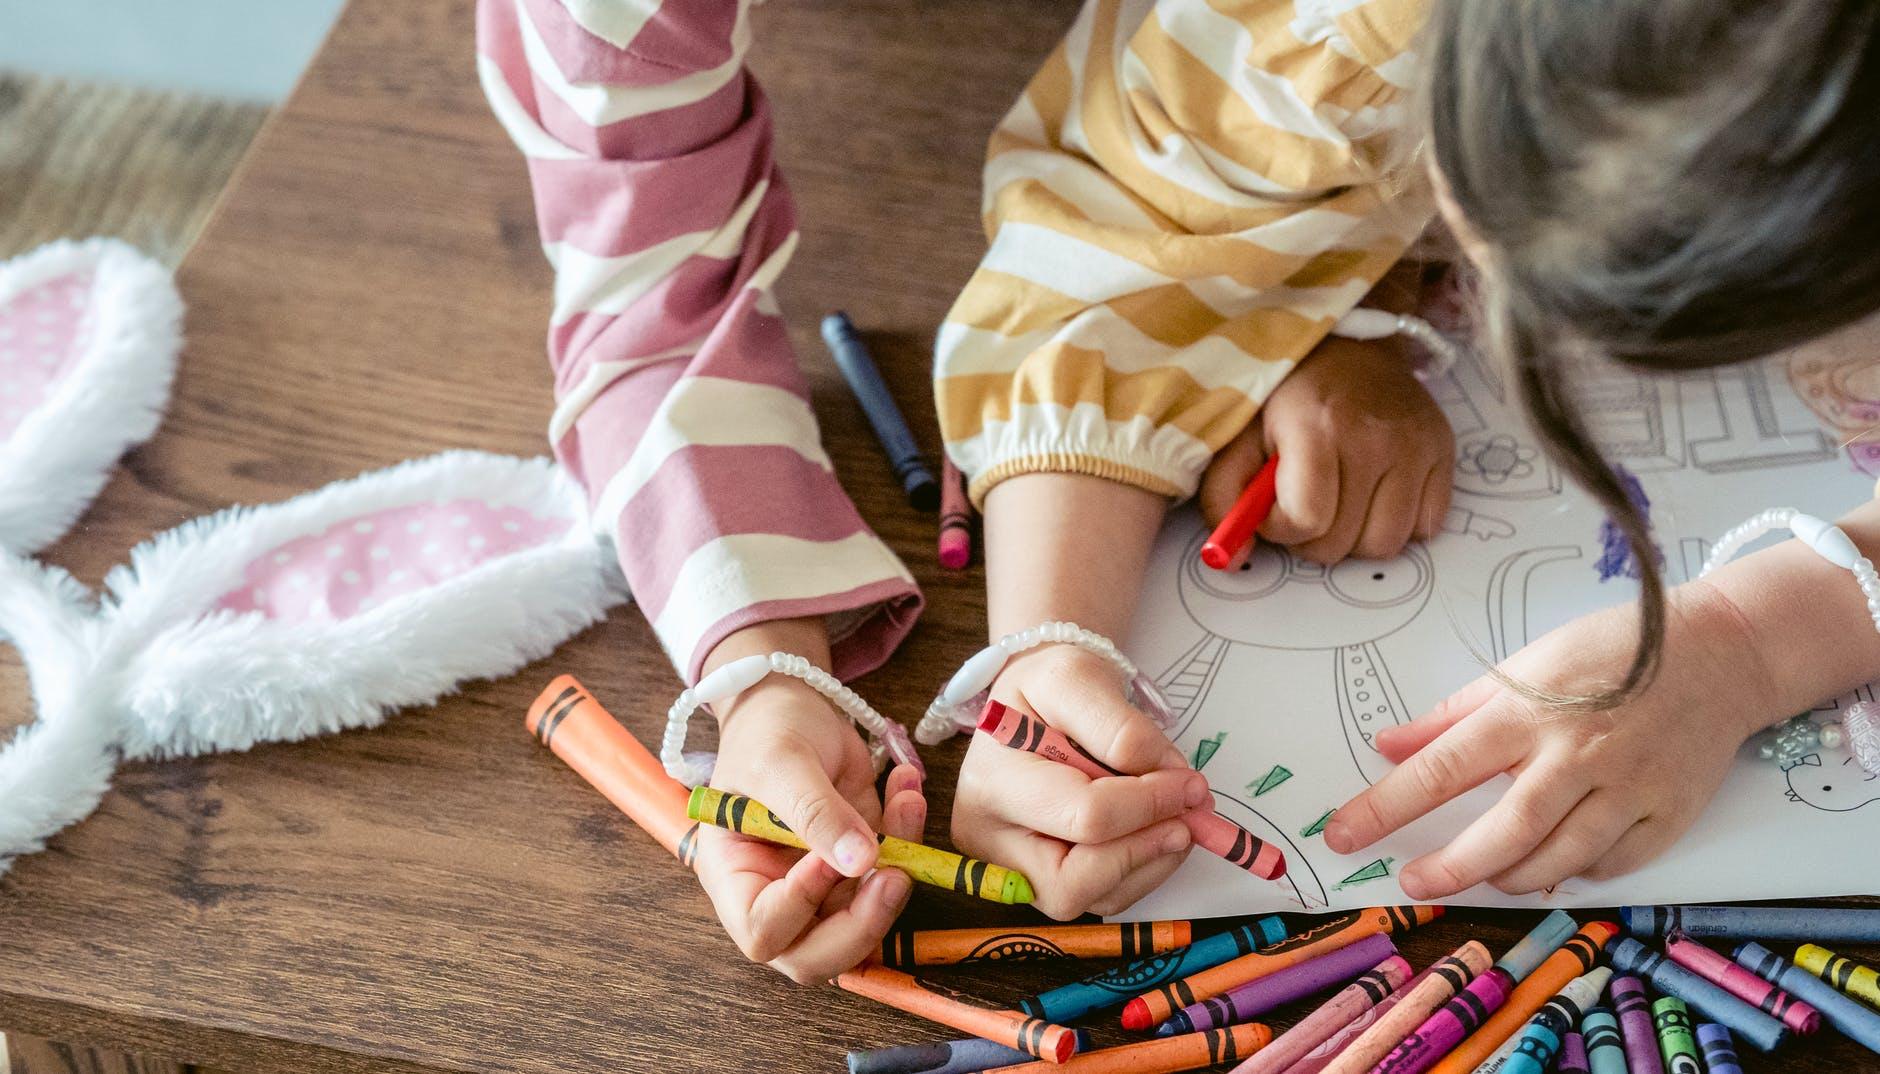 個性穩定、充滿安全感的孩子,會使用很多的顏色豐富自己的畫作 source:Pexels